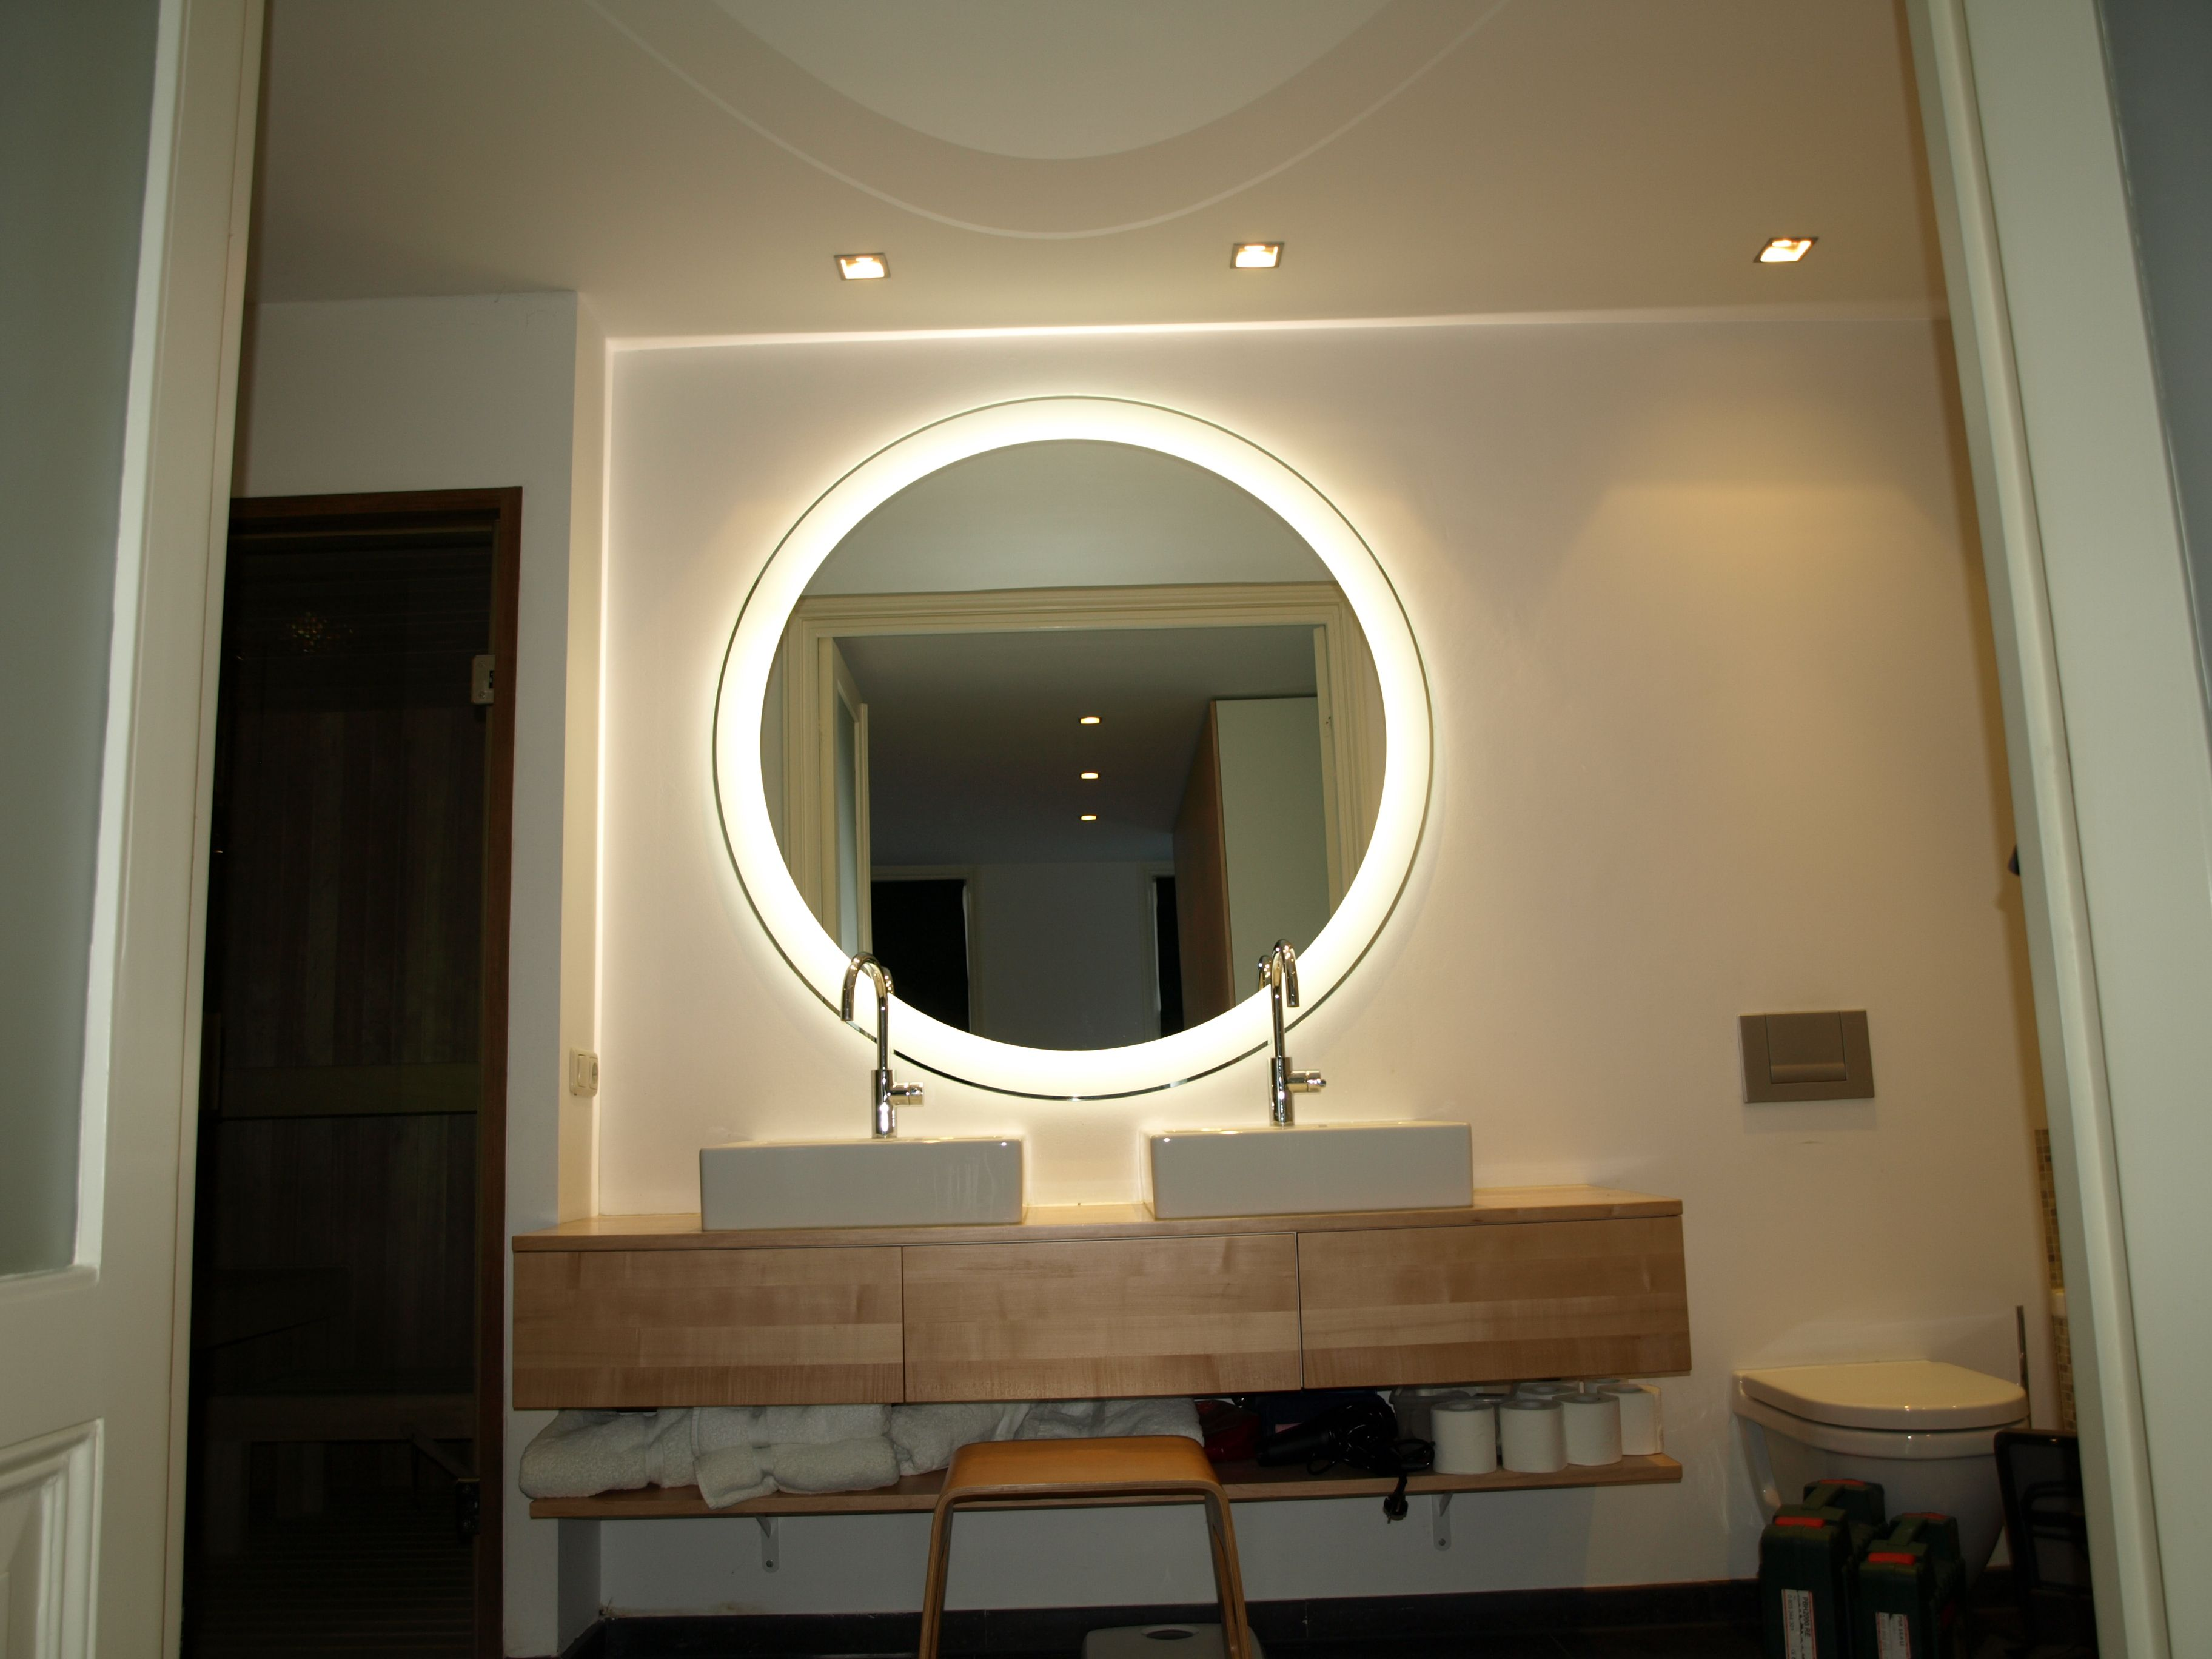 led spiegel voor de badkamer grote ronde spiegel met led. Black Bedroom Furniture Sets. Home Design Ideas